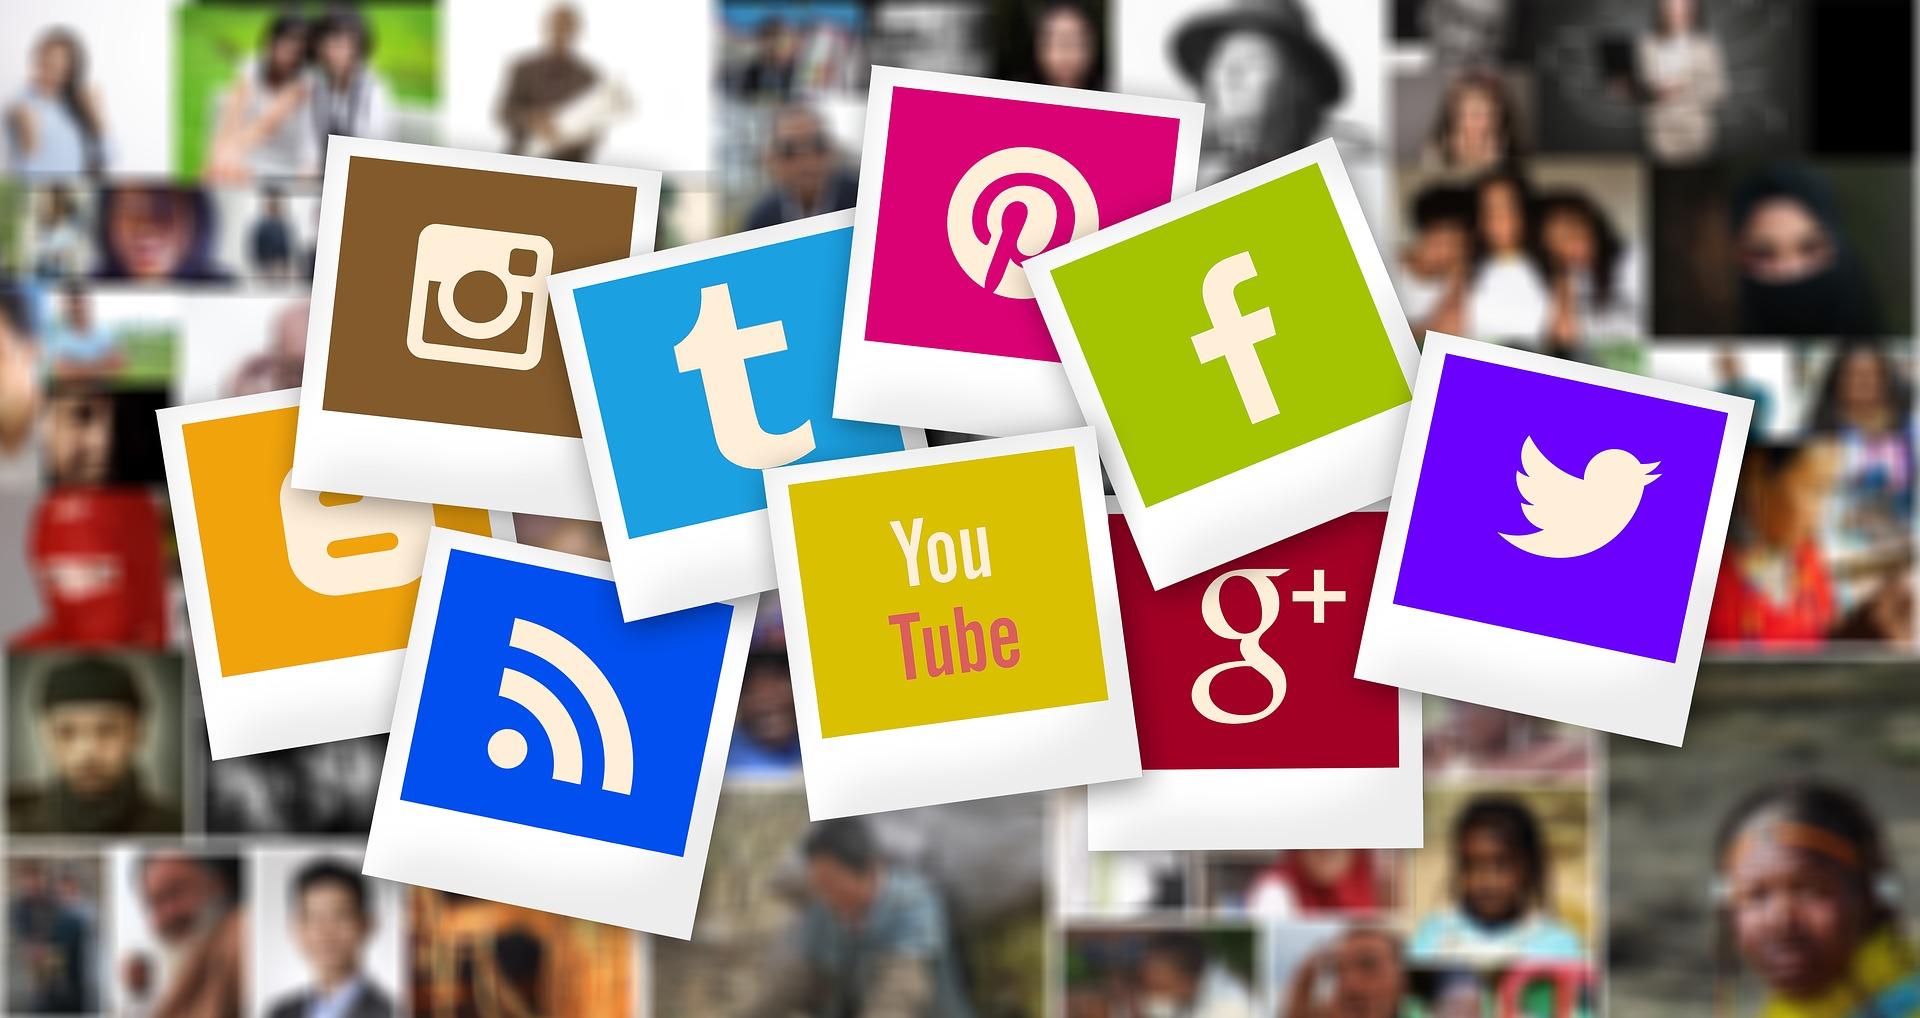 Perché l'Italia è ultima per l'uso dei social network?